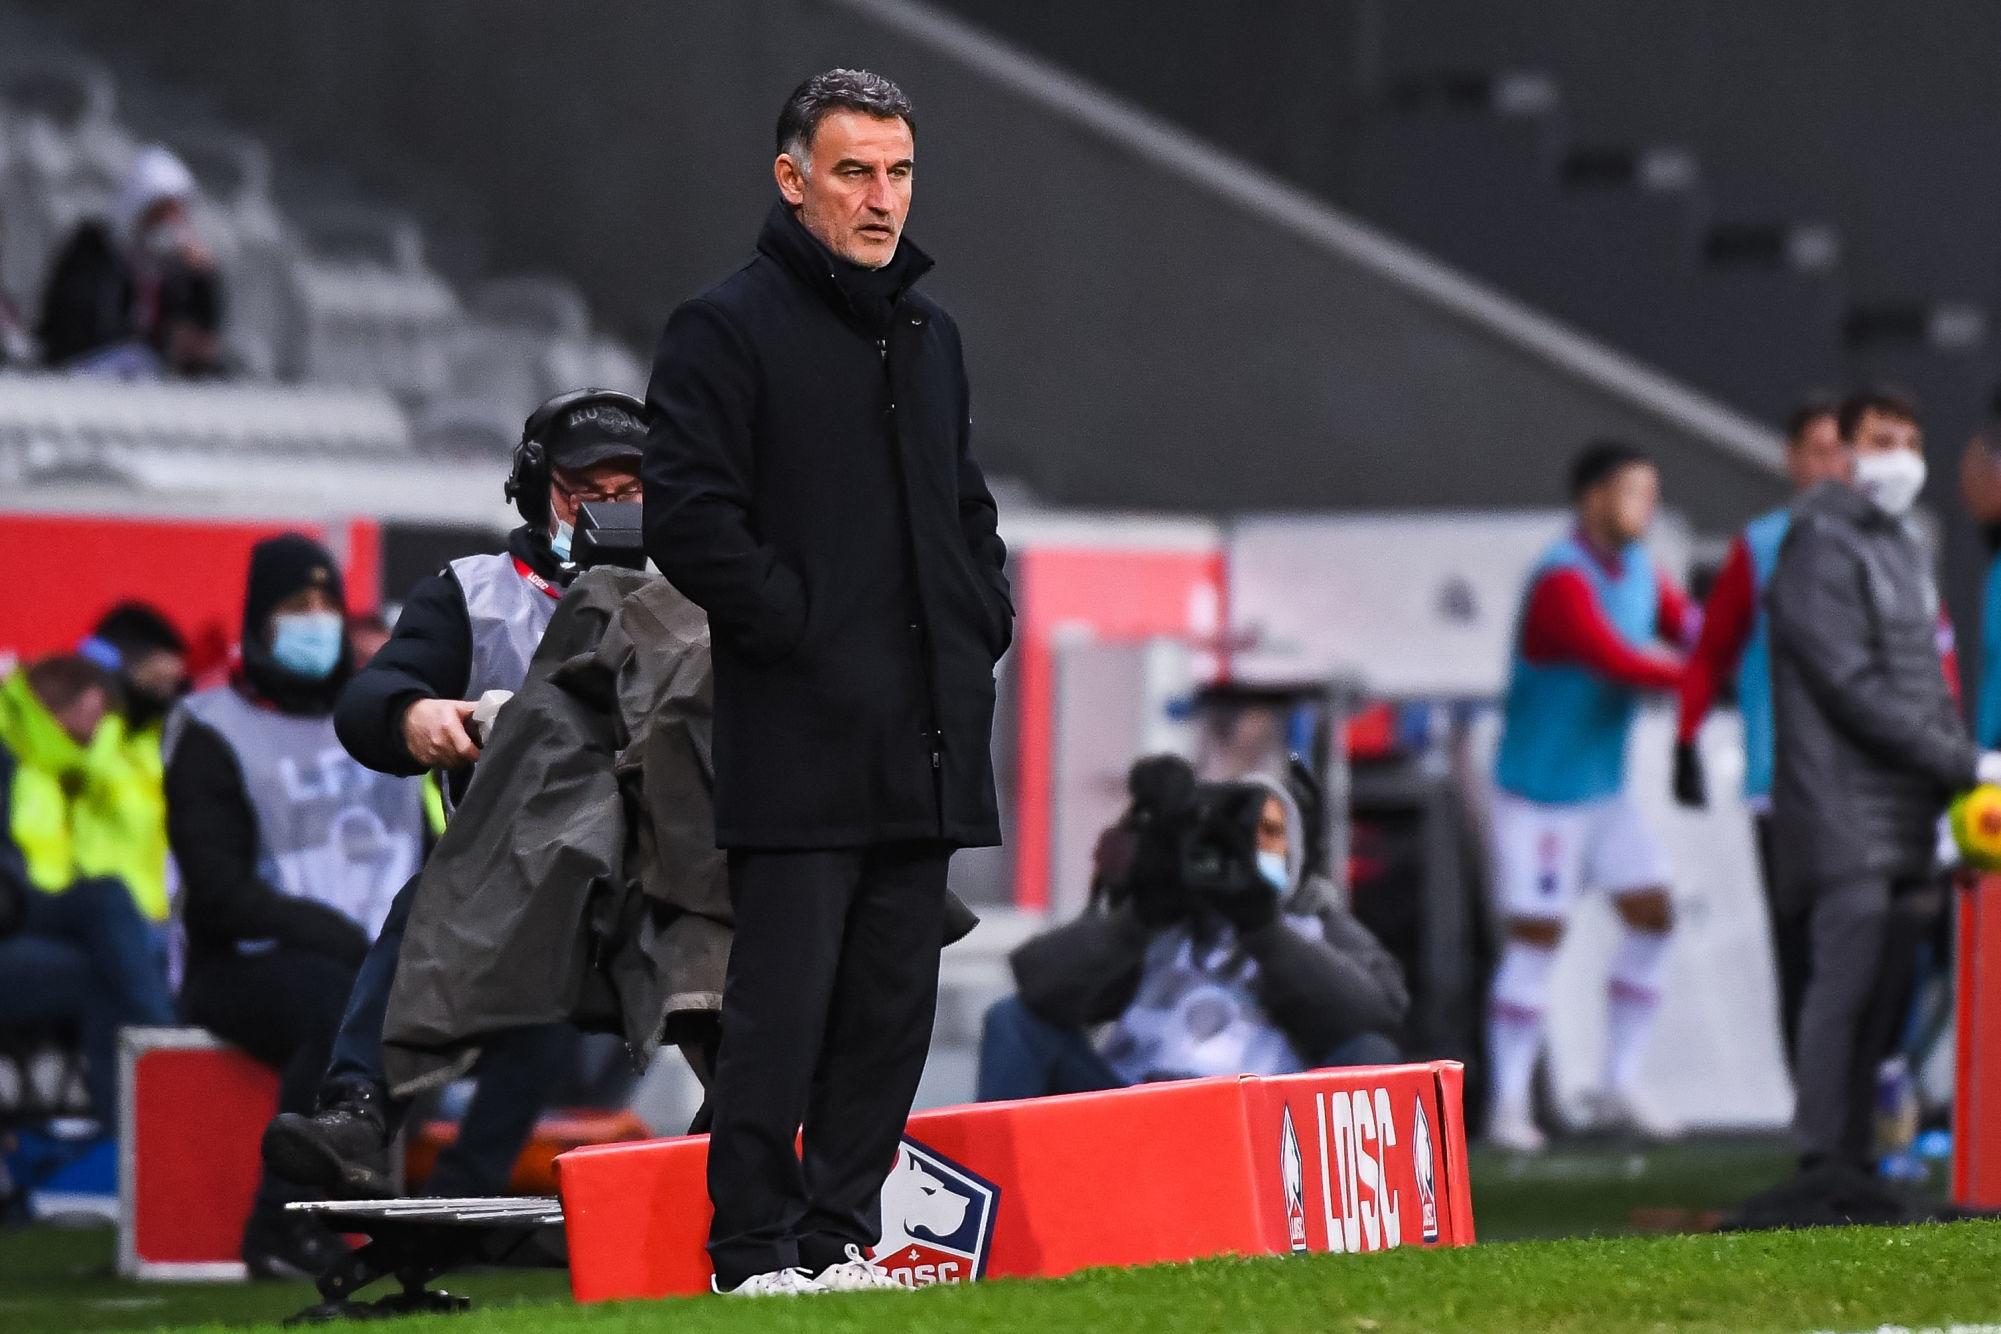 """Lille/PSG - Galtier souligne que c'est un """"bon résultat face à une bonne équipe"""""""